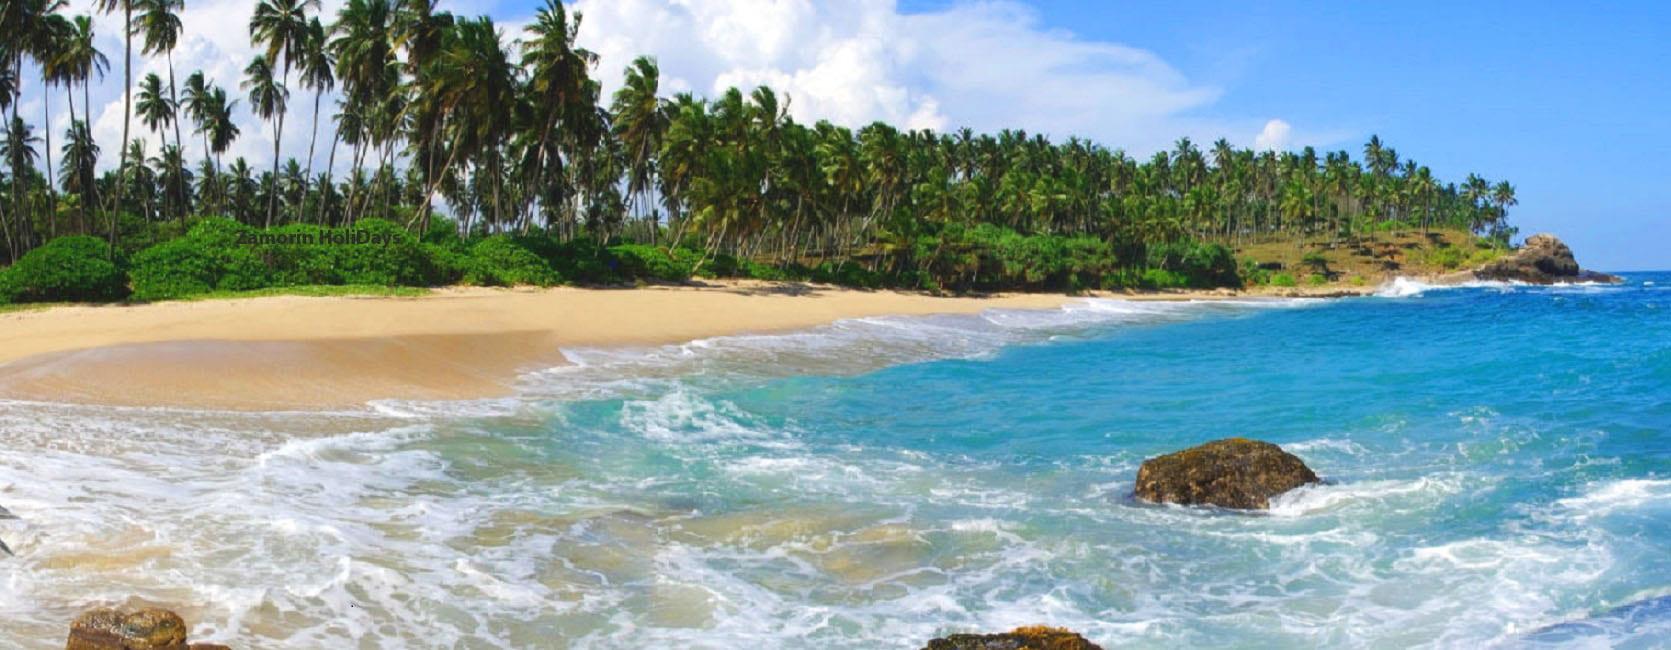 Kerala Experiential Travel Company